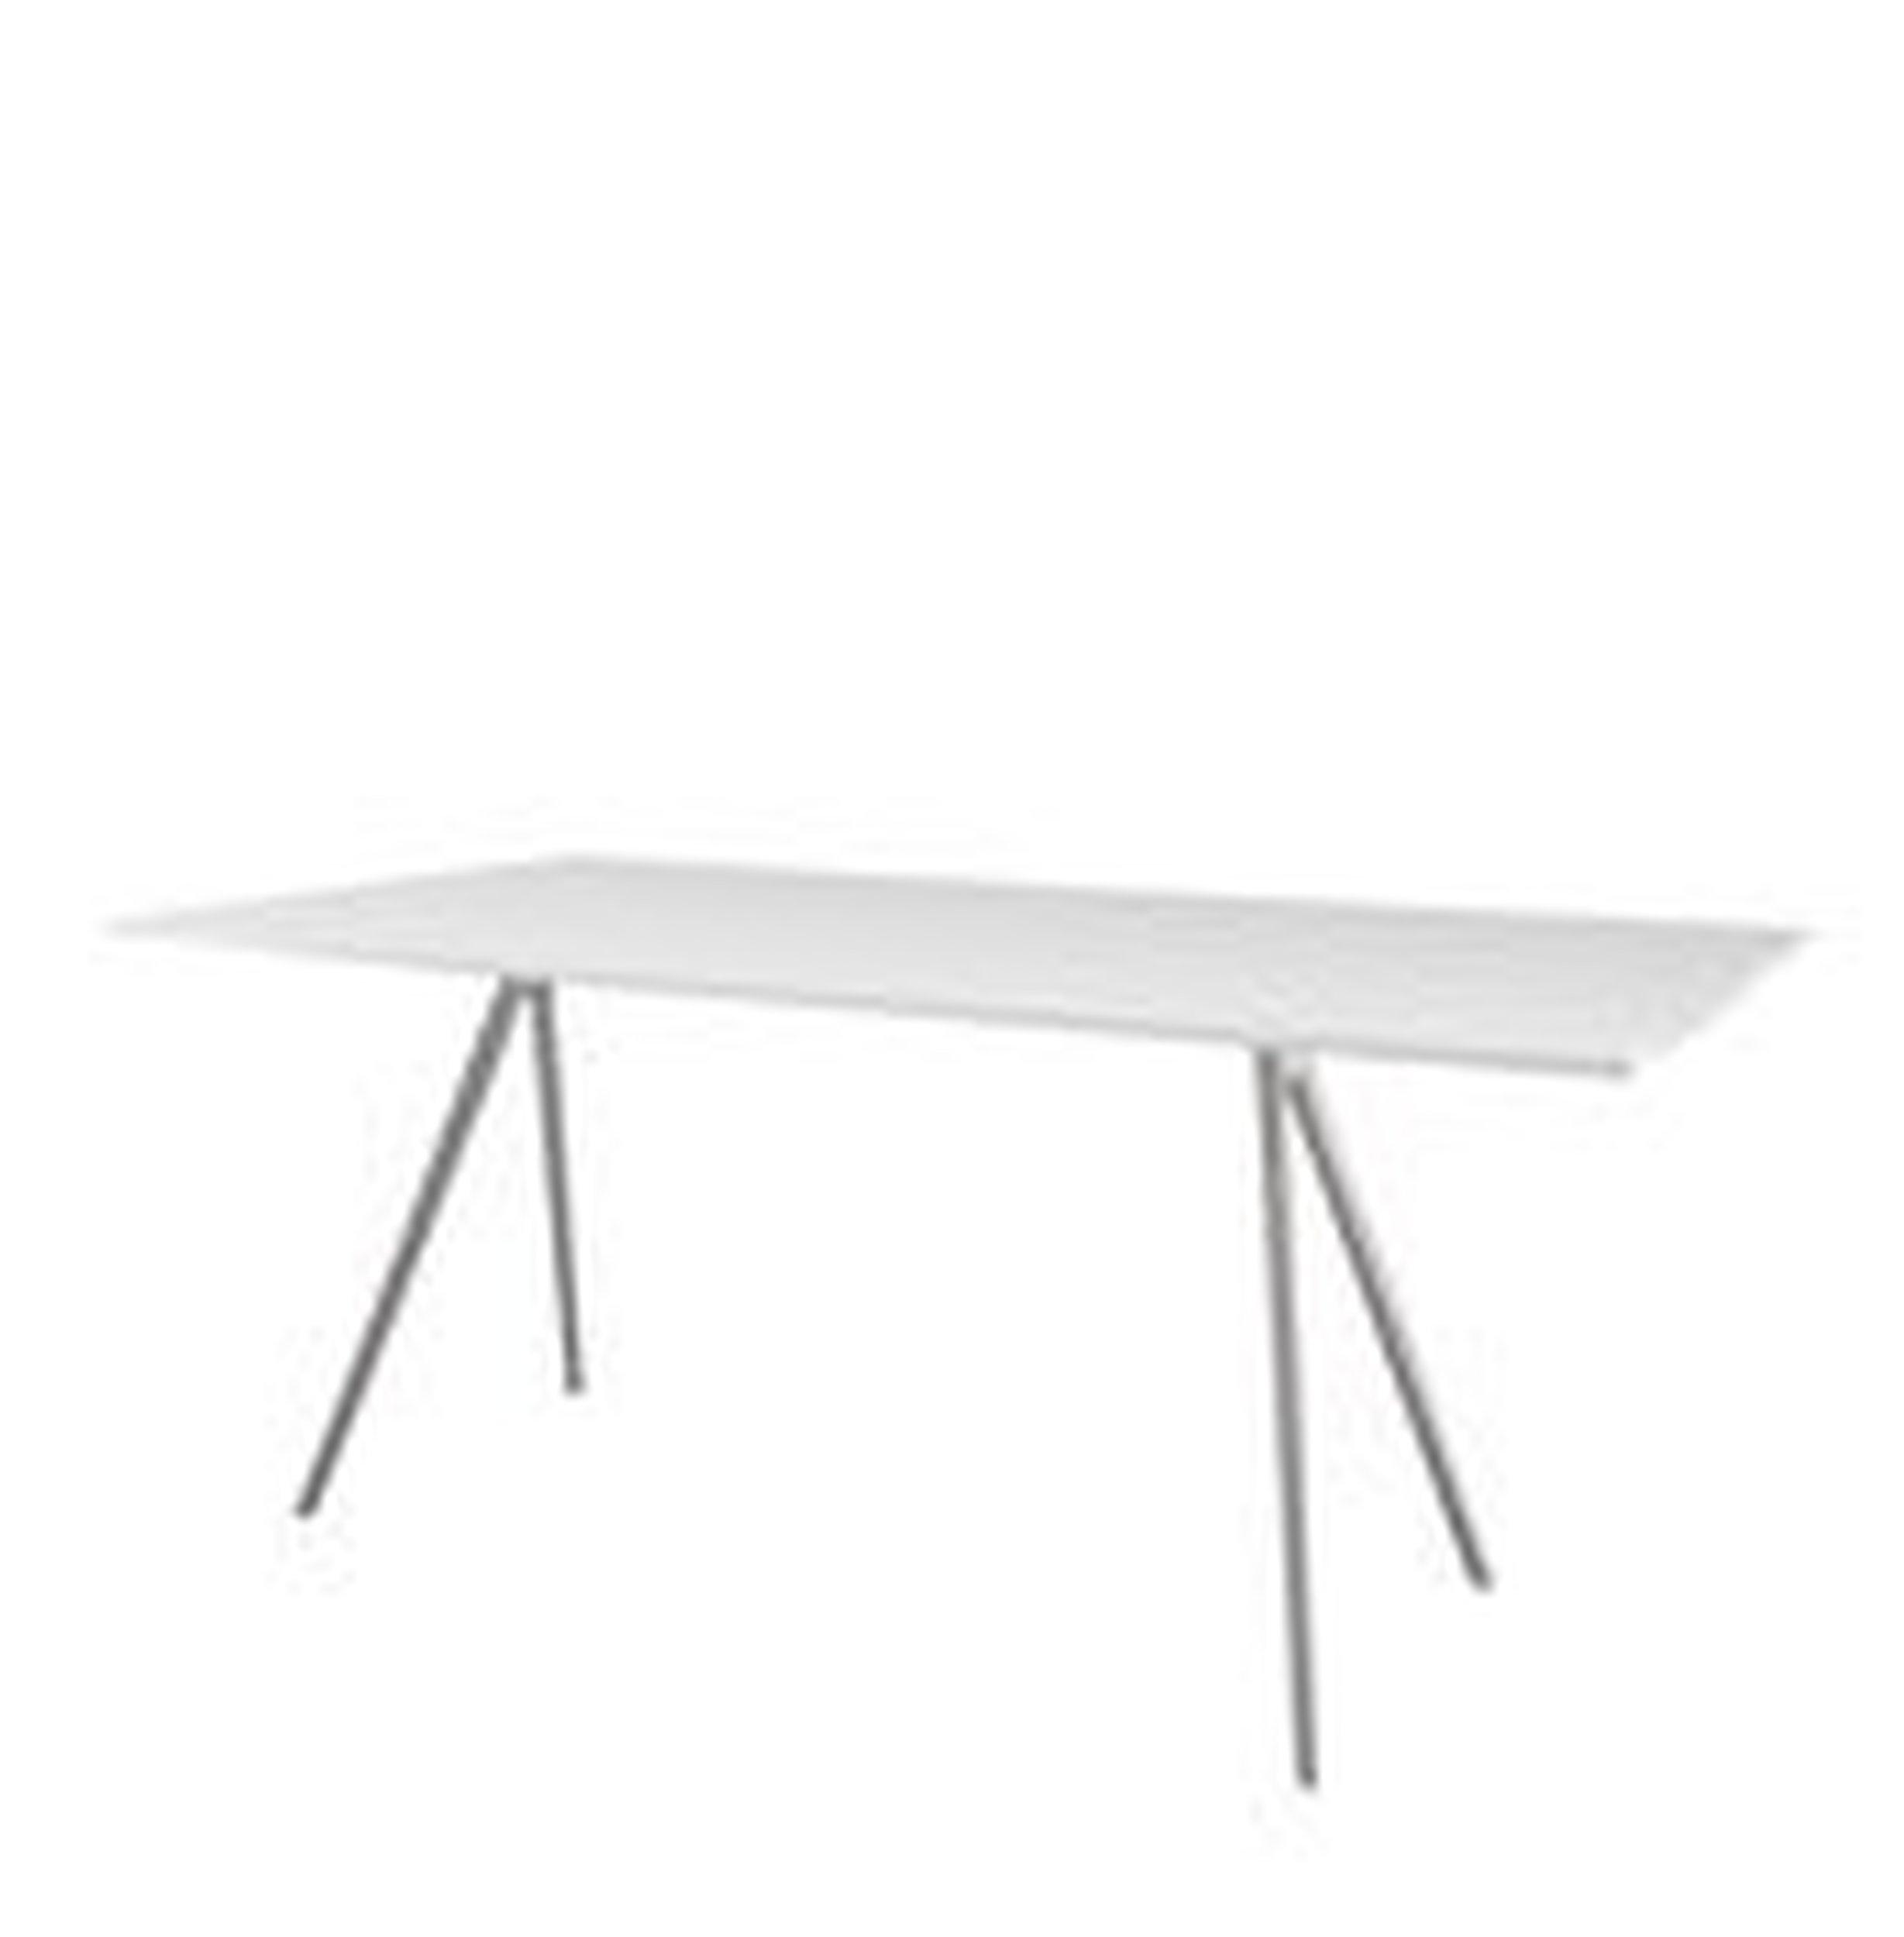 Stół Baguette 205 cm blat MDF biały rama lakierowana biała - małe zdjęcie